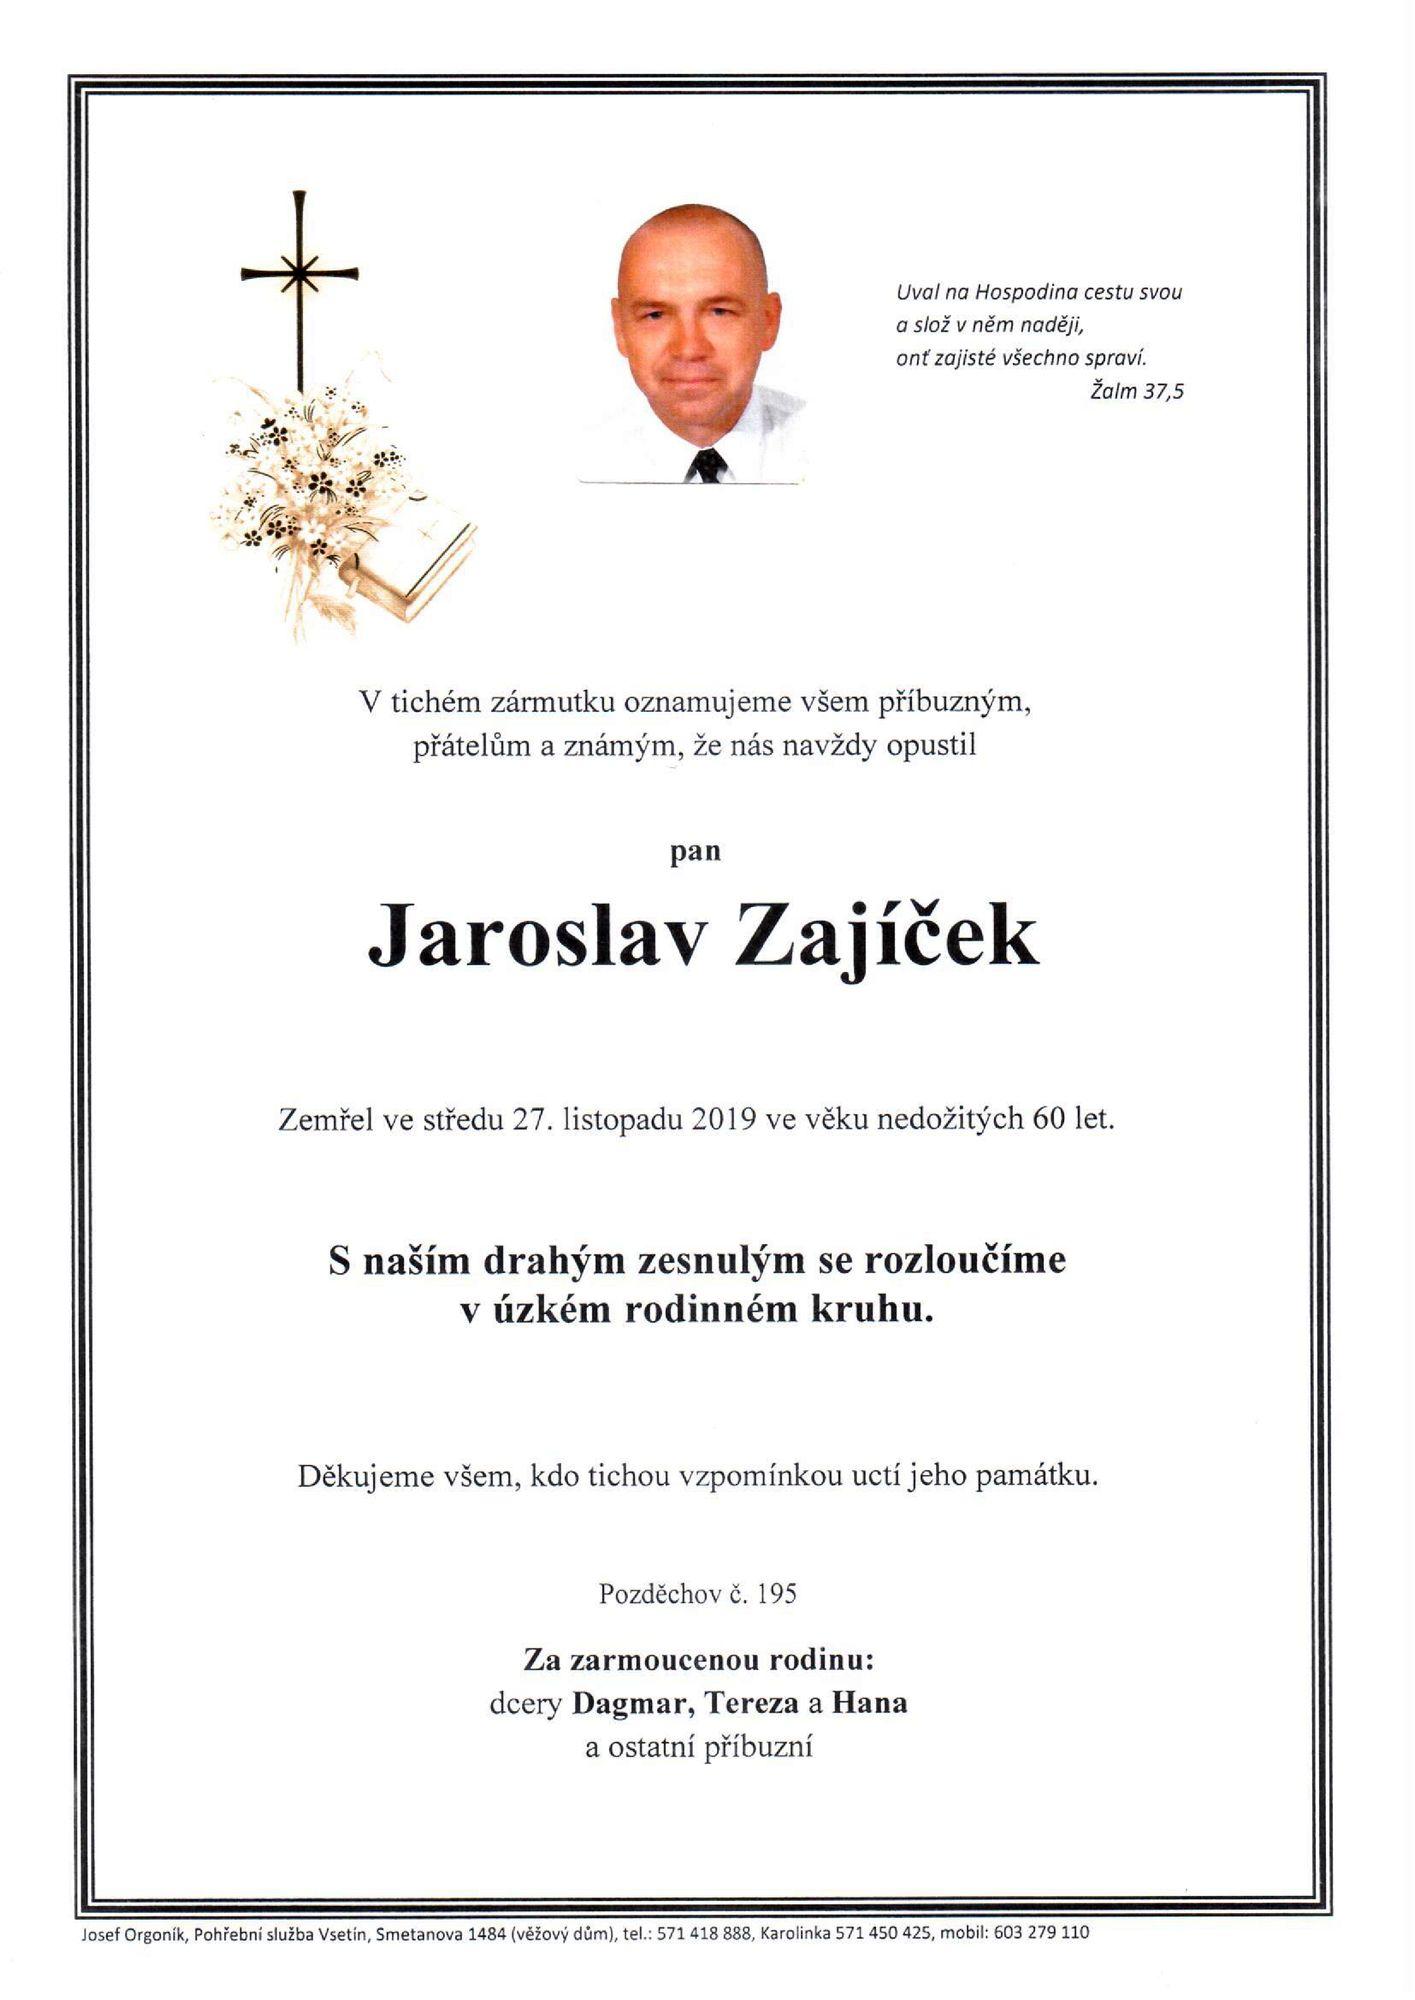 Jaroslav Zajíček